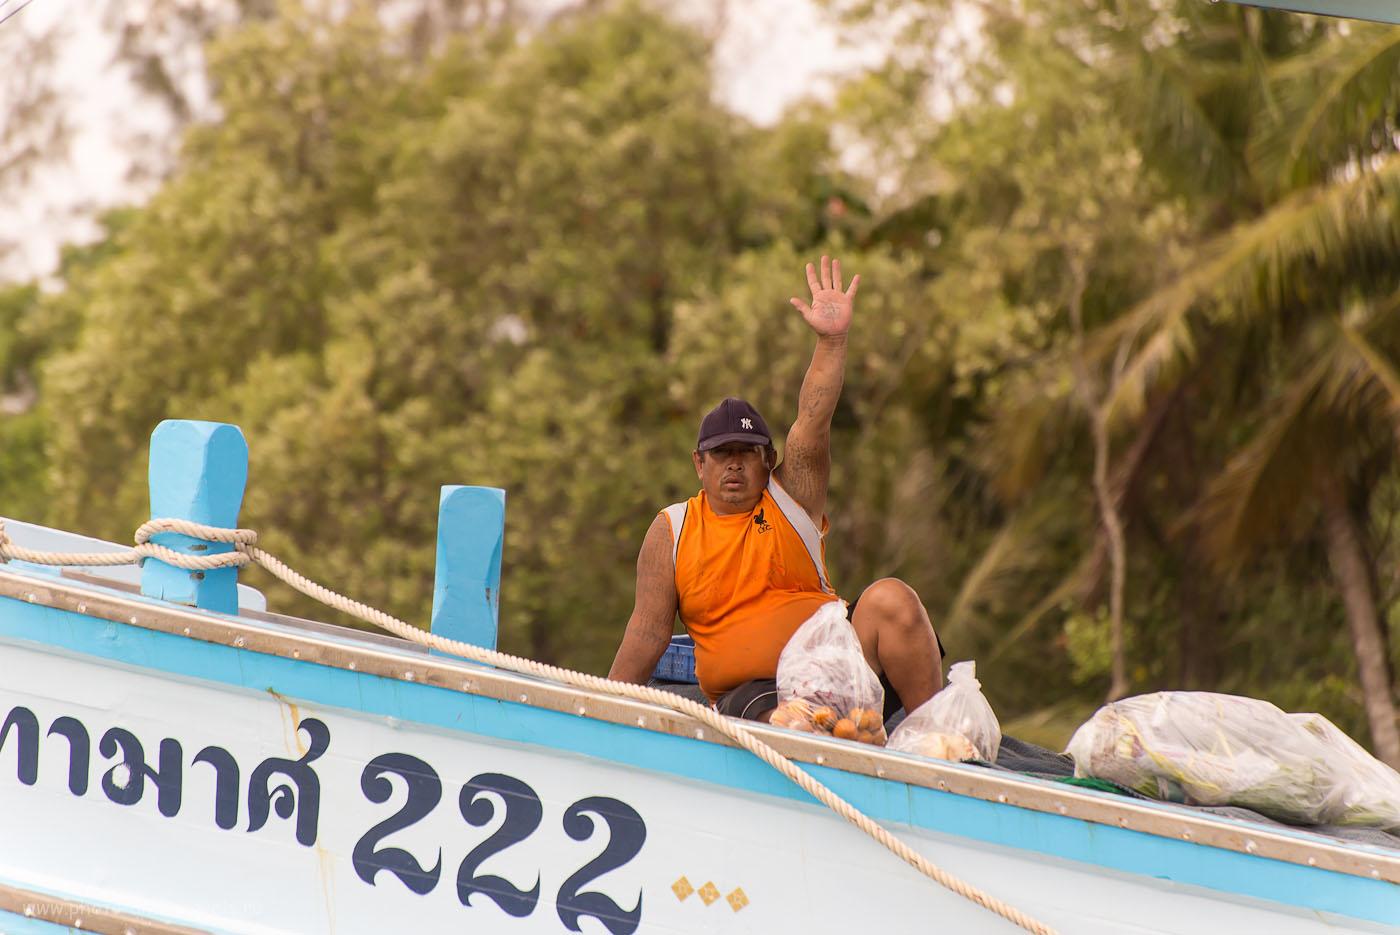 Фото 4. Что посмотреть в окрестностях города Чумпхон в Таиланде. Отзыв об экскурсии в деревню рыбаков. Президент Венесуэлы товарищ Уго Чавес передает тебе привет. (320, 300, 5.6, 500)